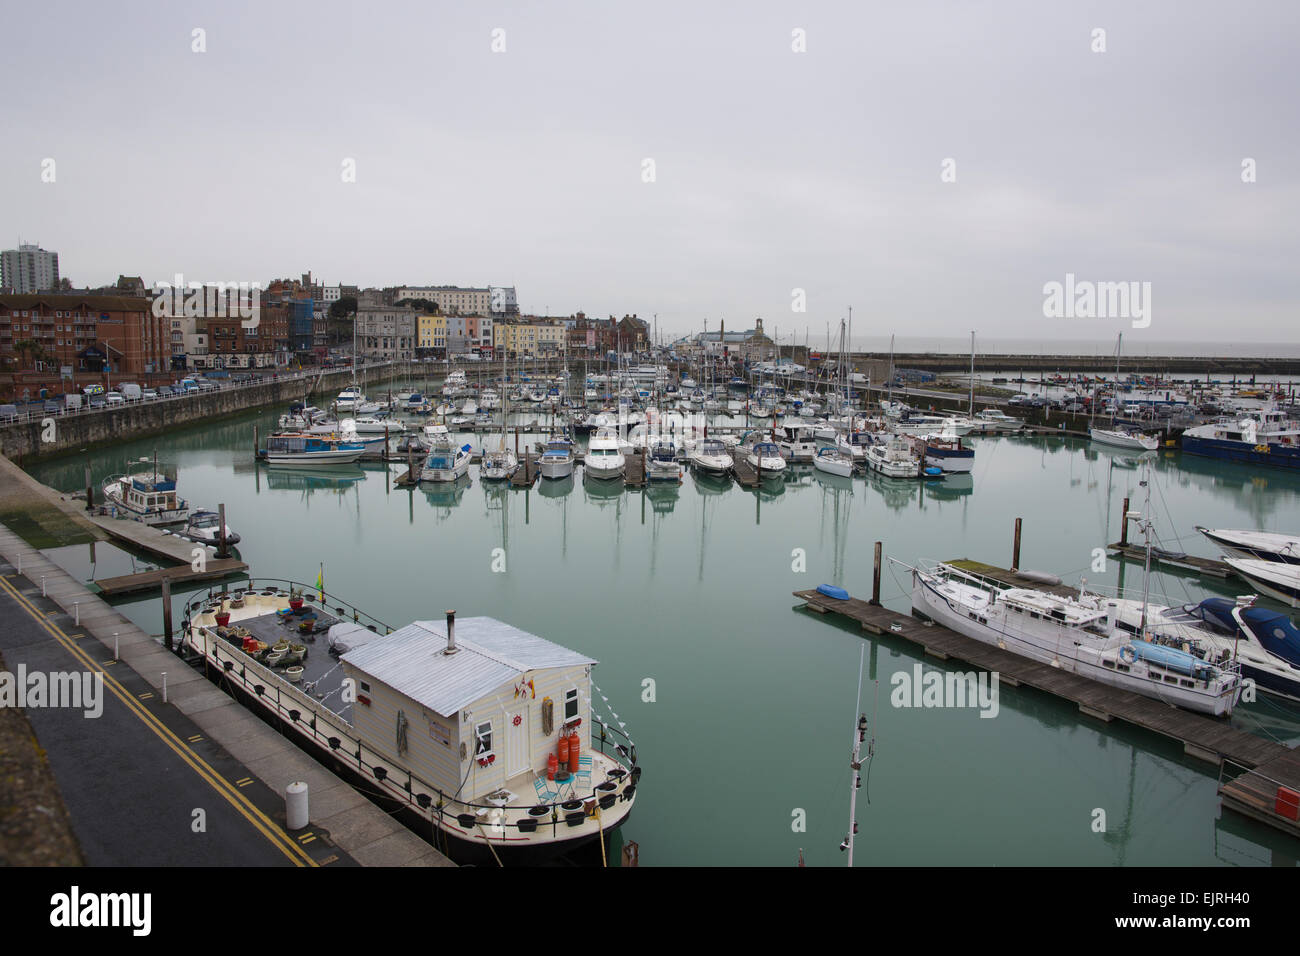 English Seaside Resorts Stock Photos & English Seaside ...